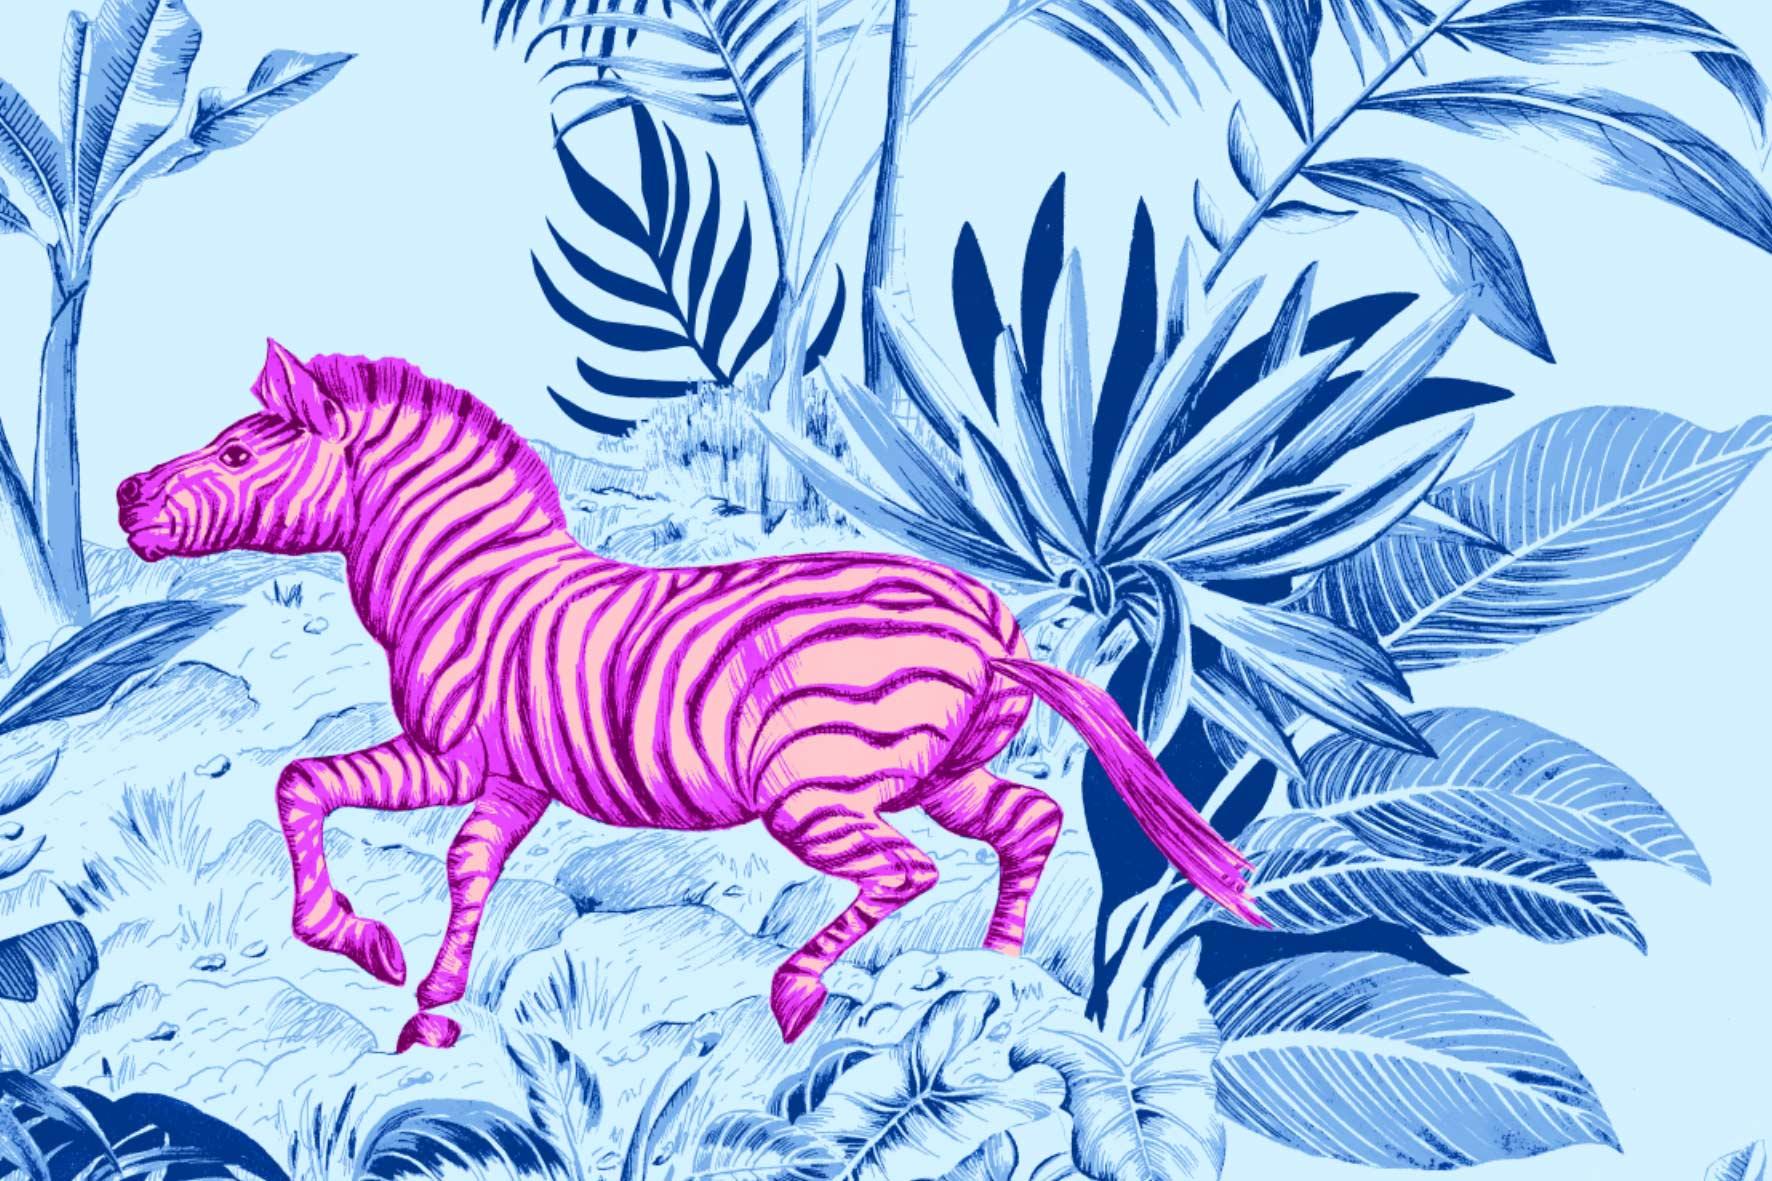 Zebra-Jungle